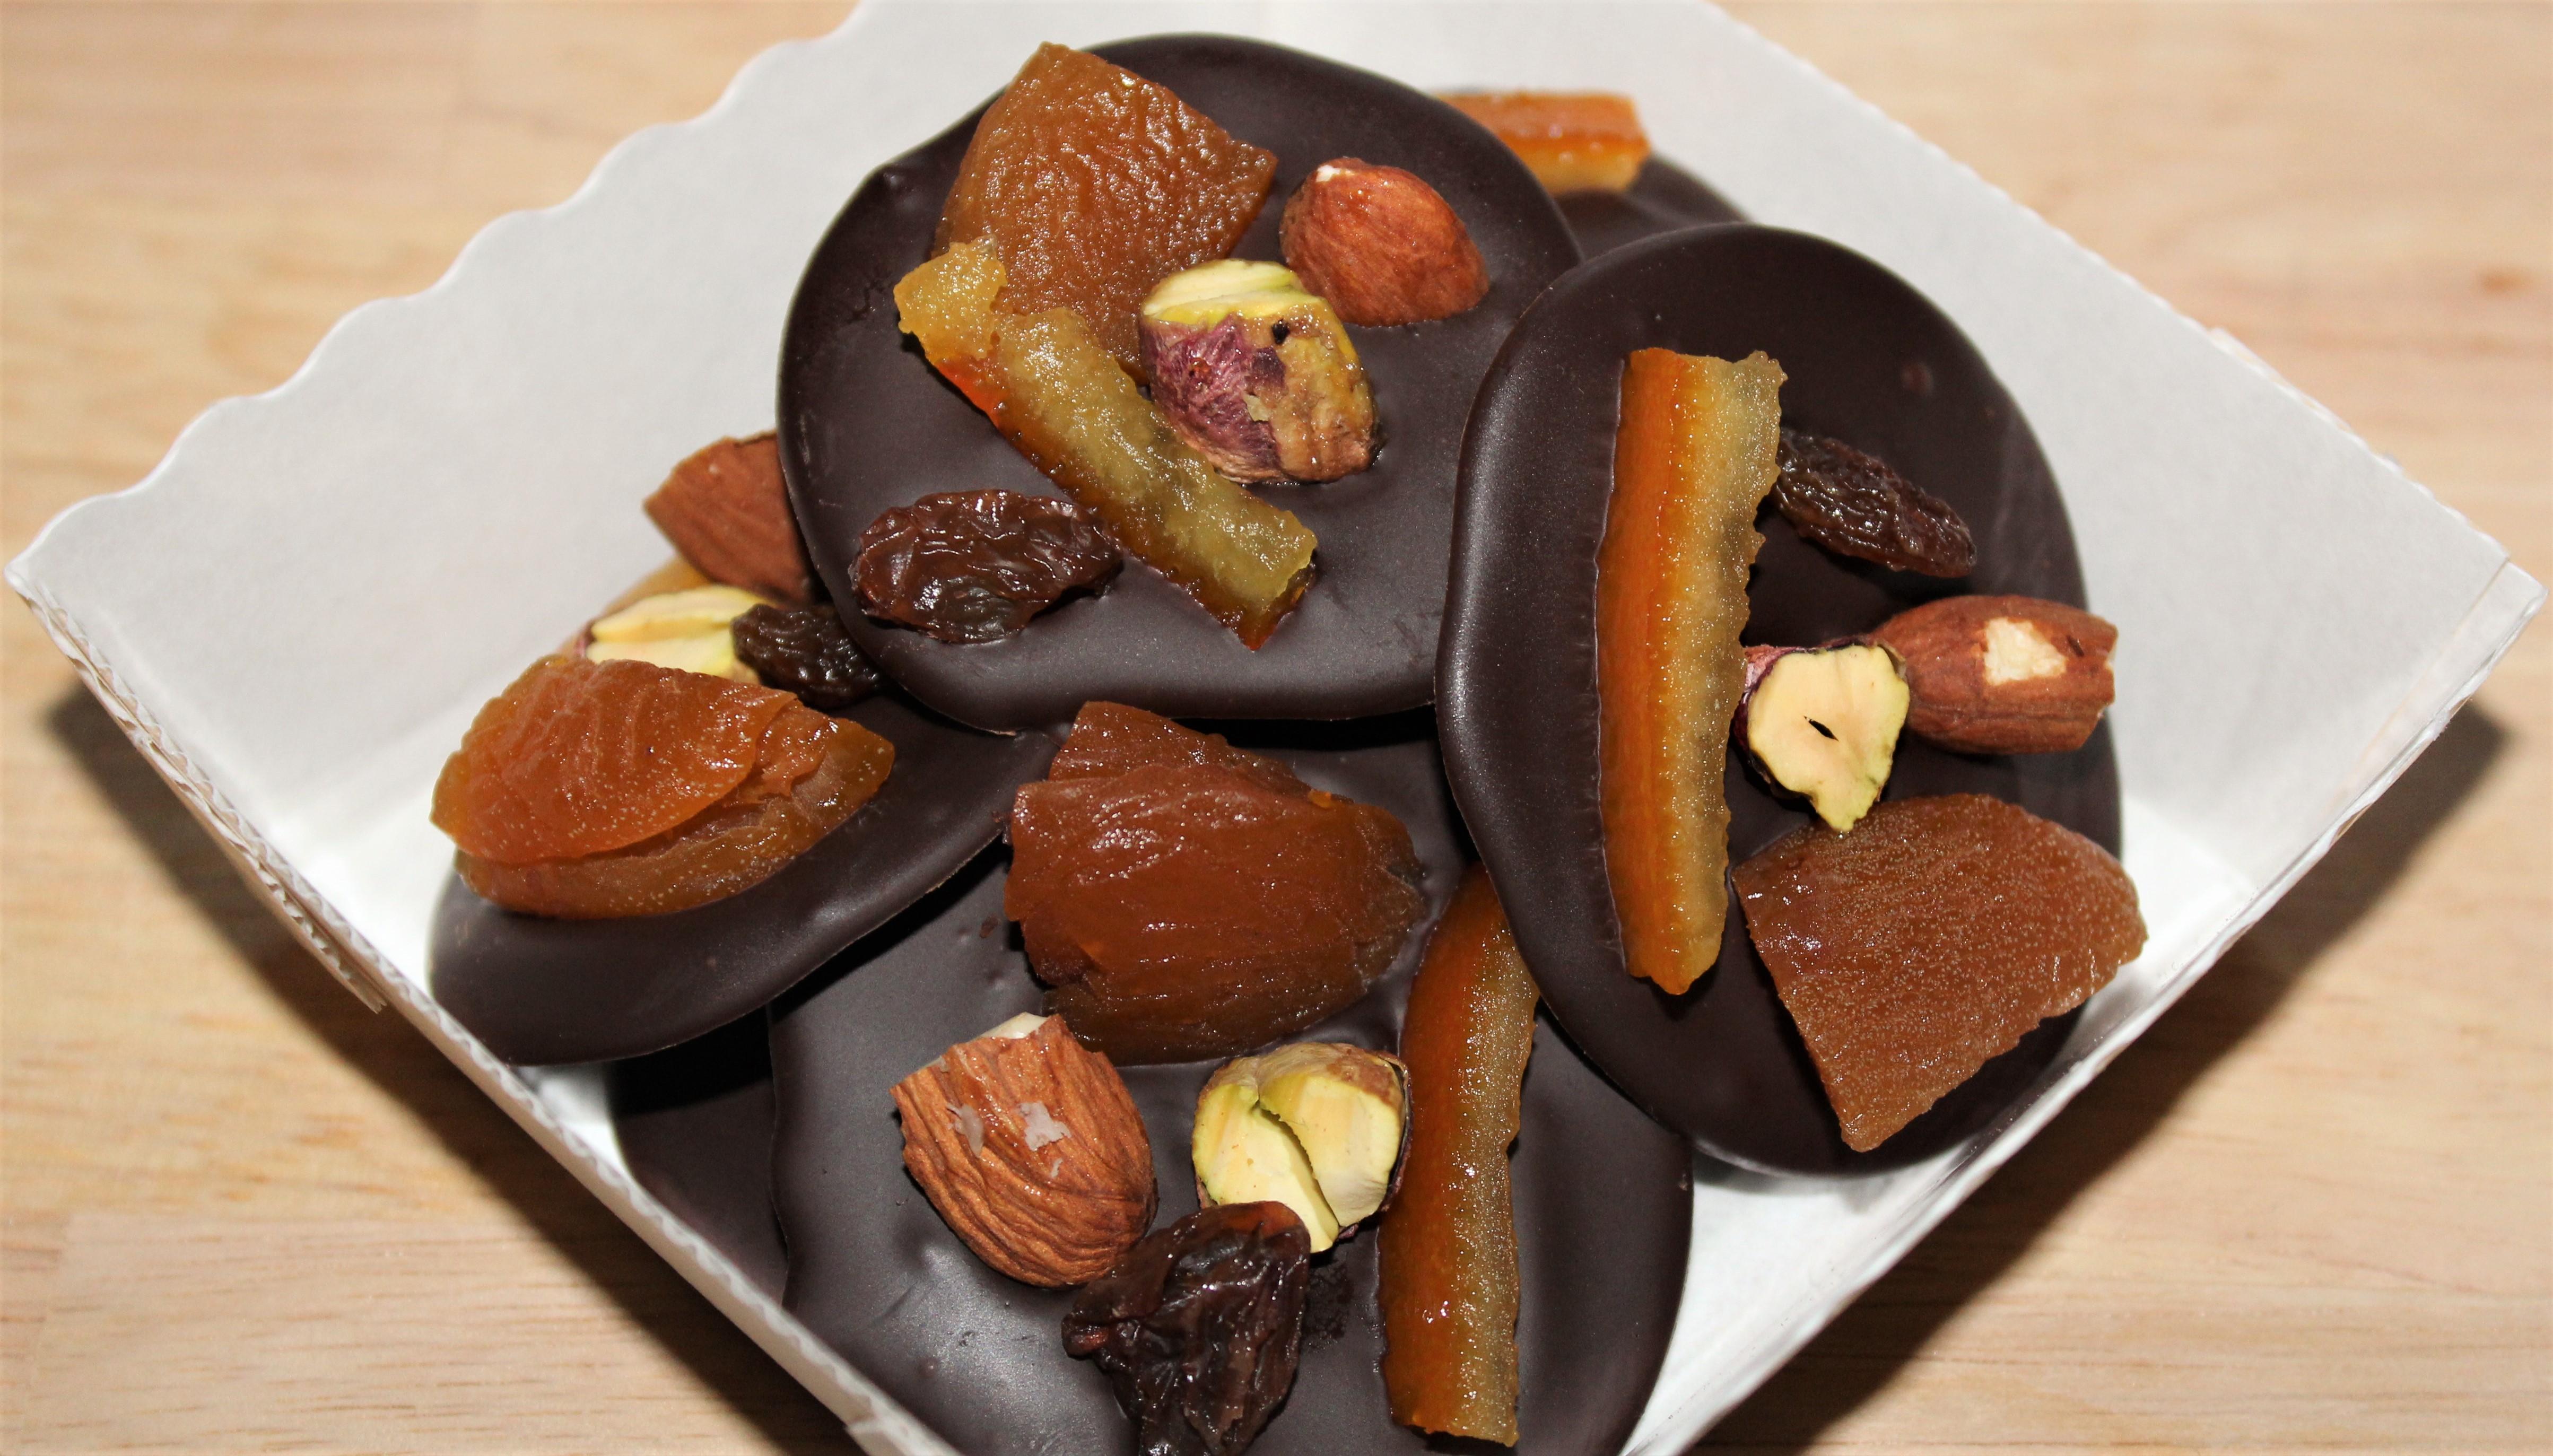 Mendiants au Chocolat : Abricots, Amandes, Oranges, Pistaches, Raisins